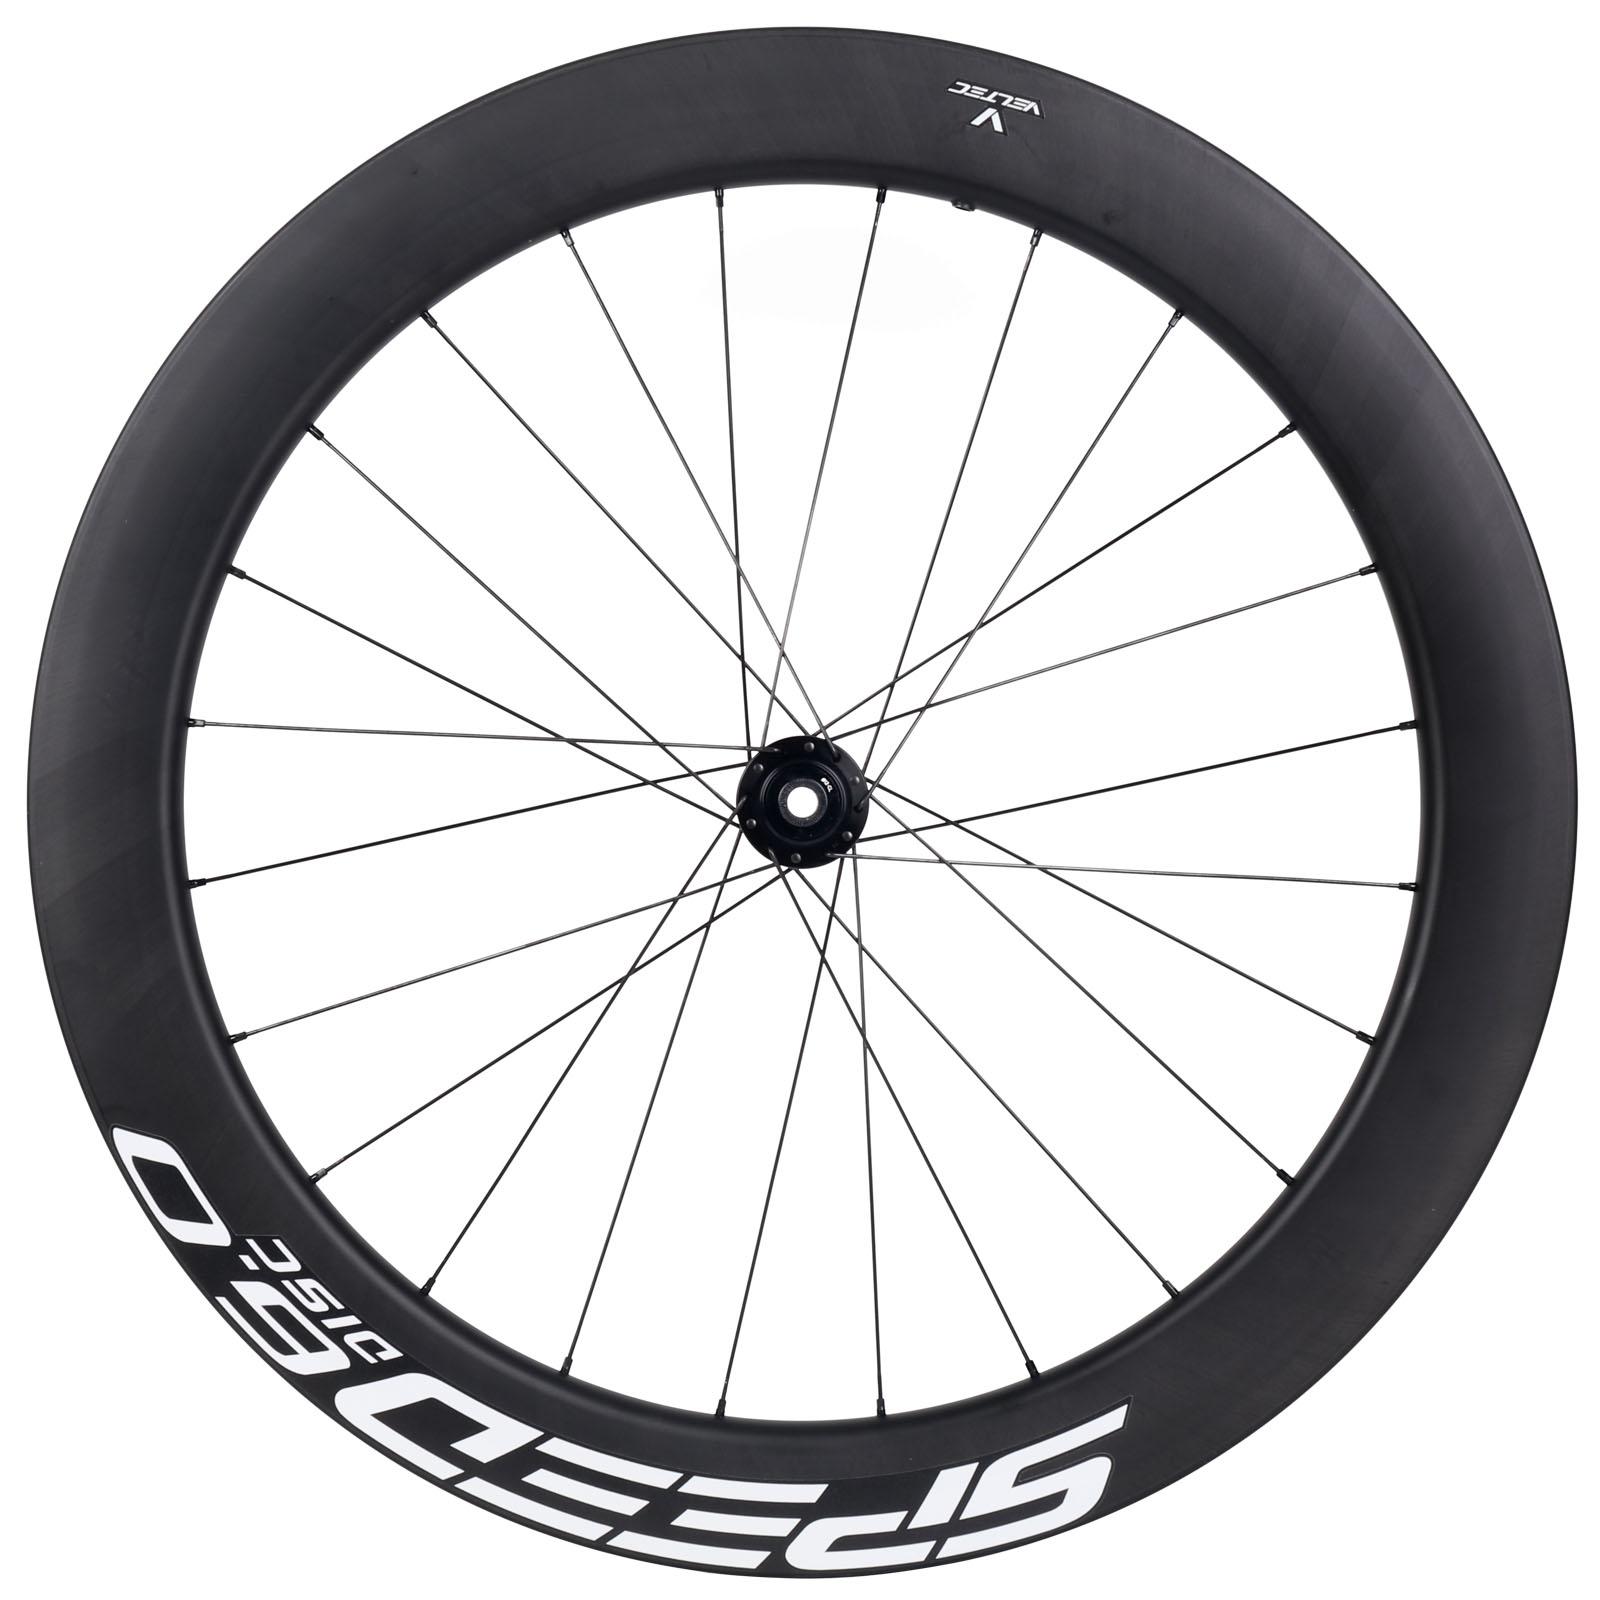 Veltec Speed 6.0 Disc Carbon Vorderrad - Drahtreifen - 12x100mm - schwarz mit weißen Decals